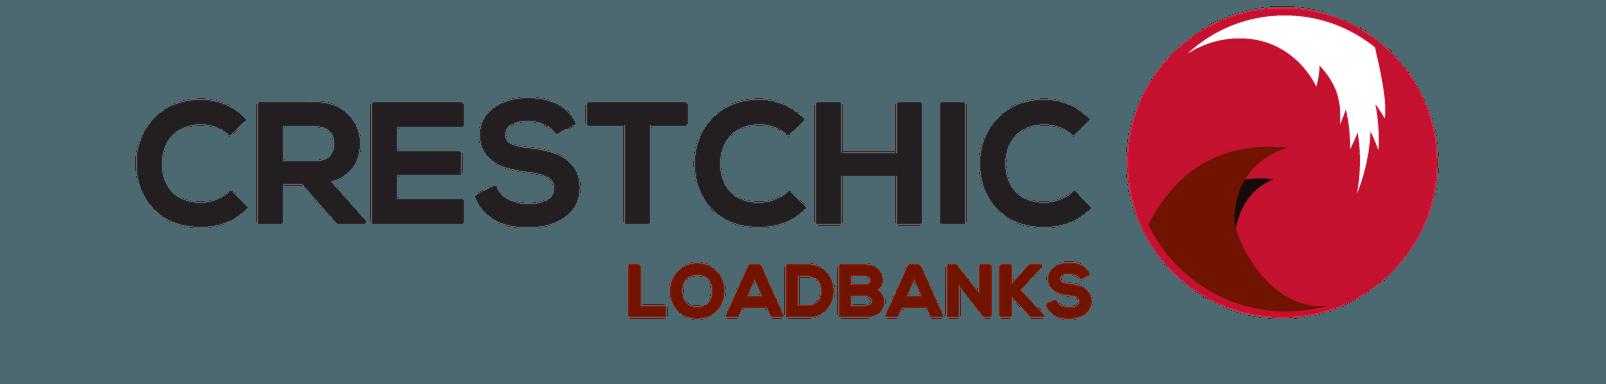 Crestchic Limited